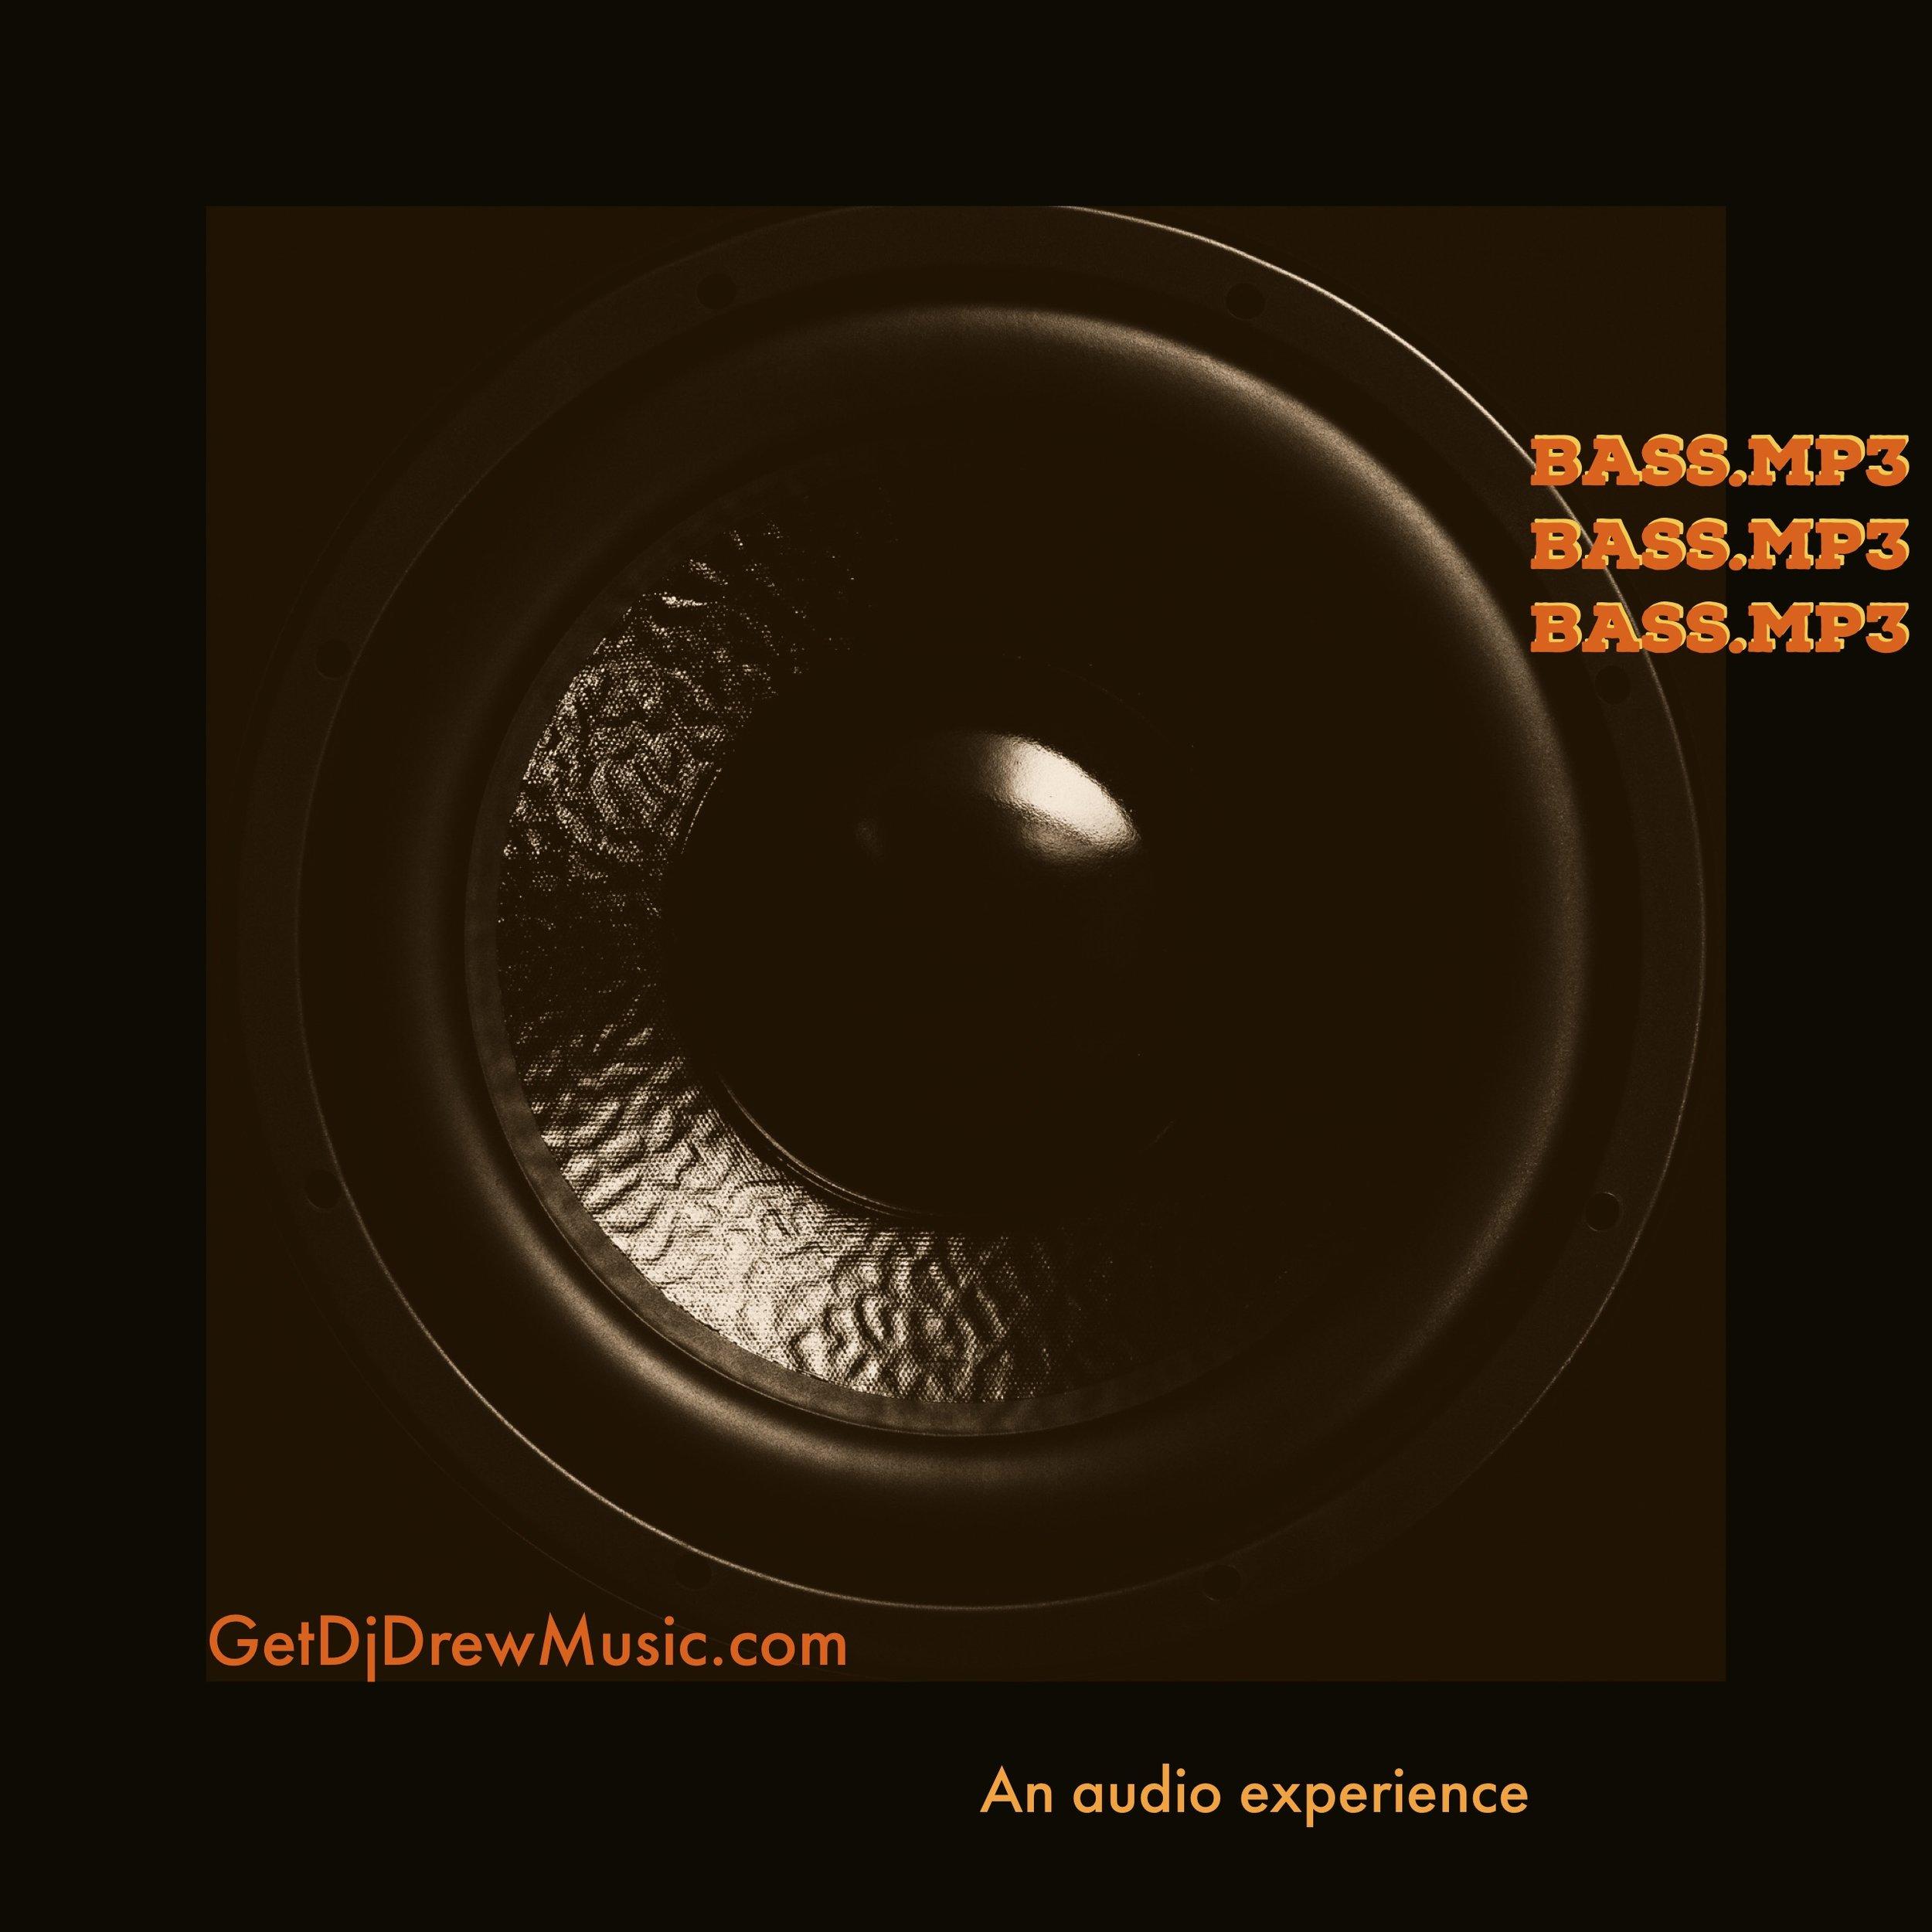 GetDjDrewMusic.com